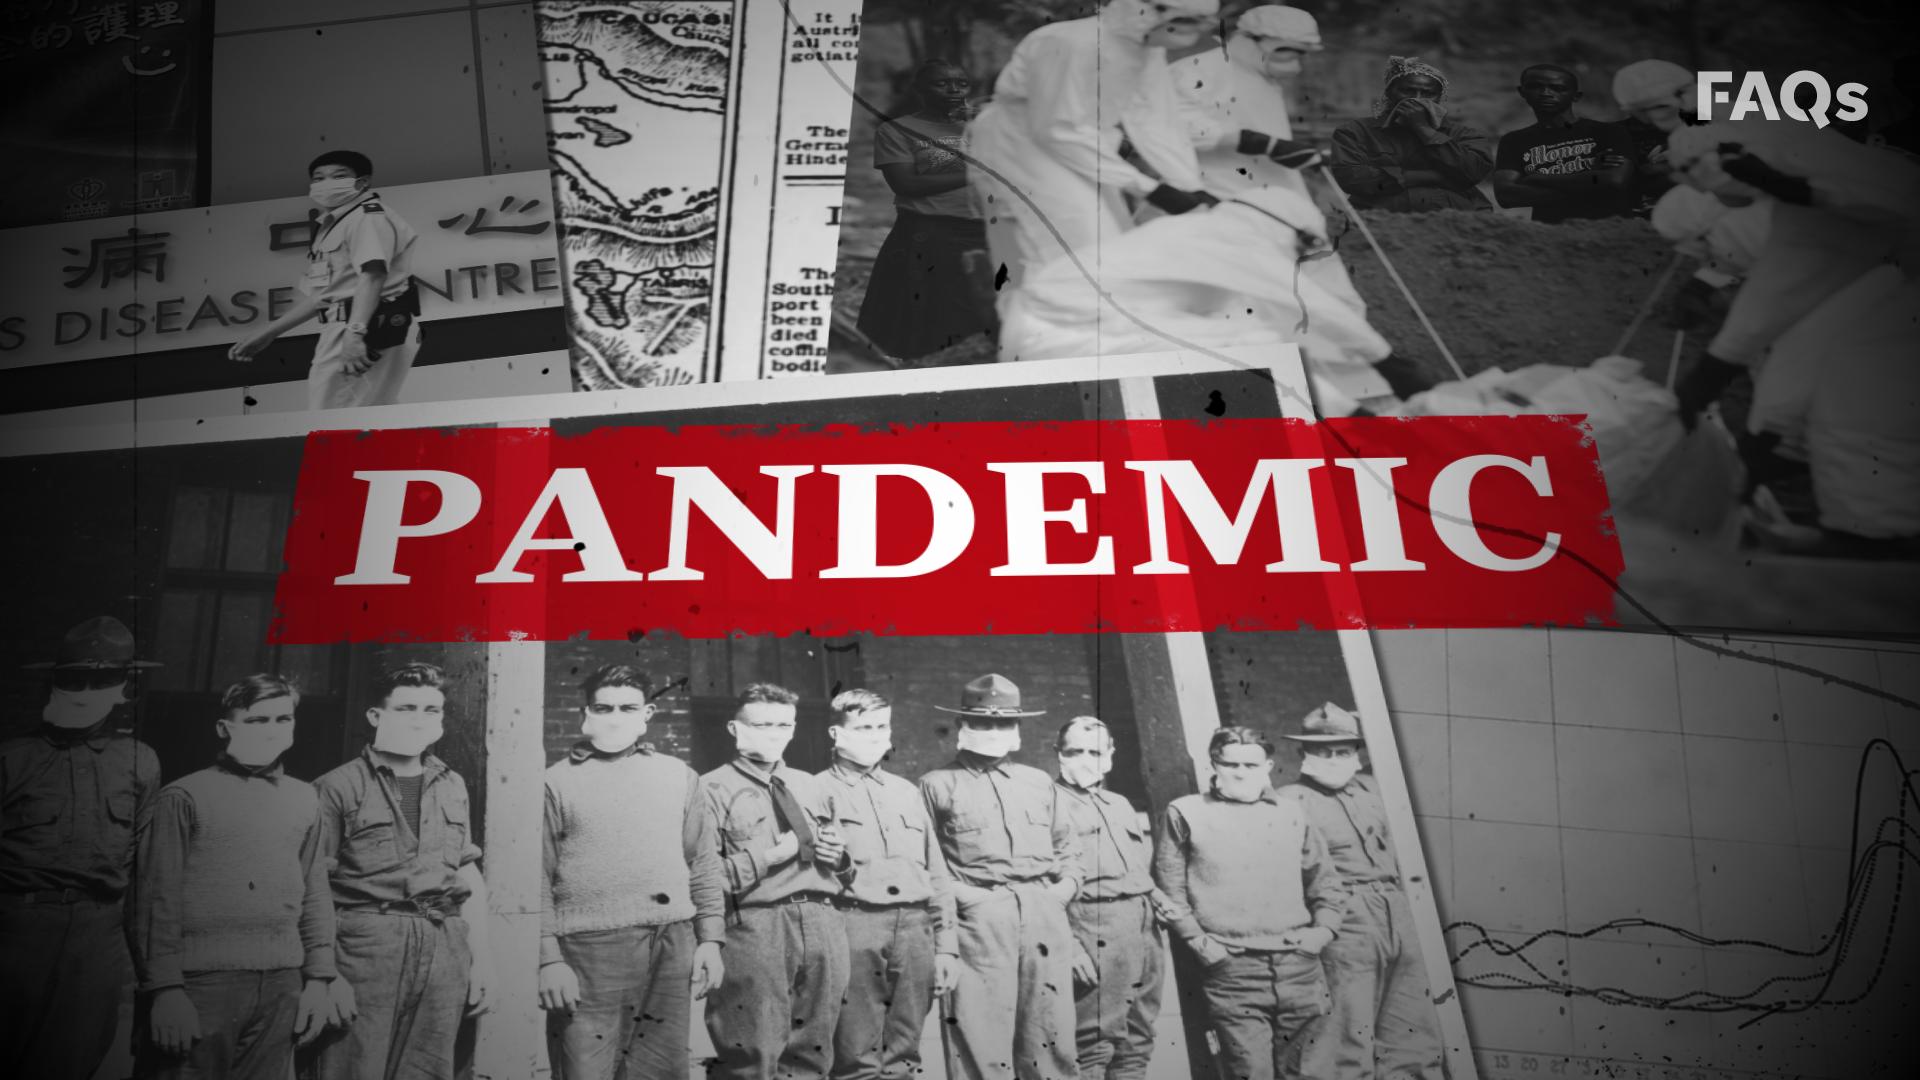 pandamic-that-changed-history